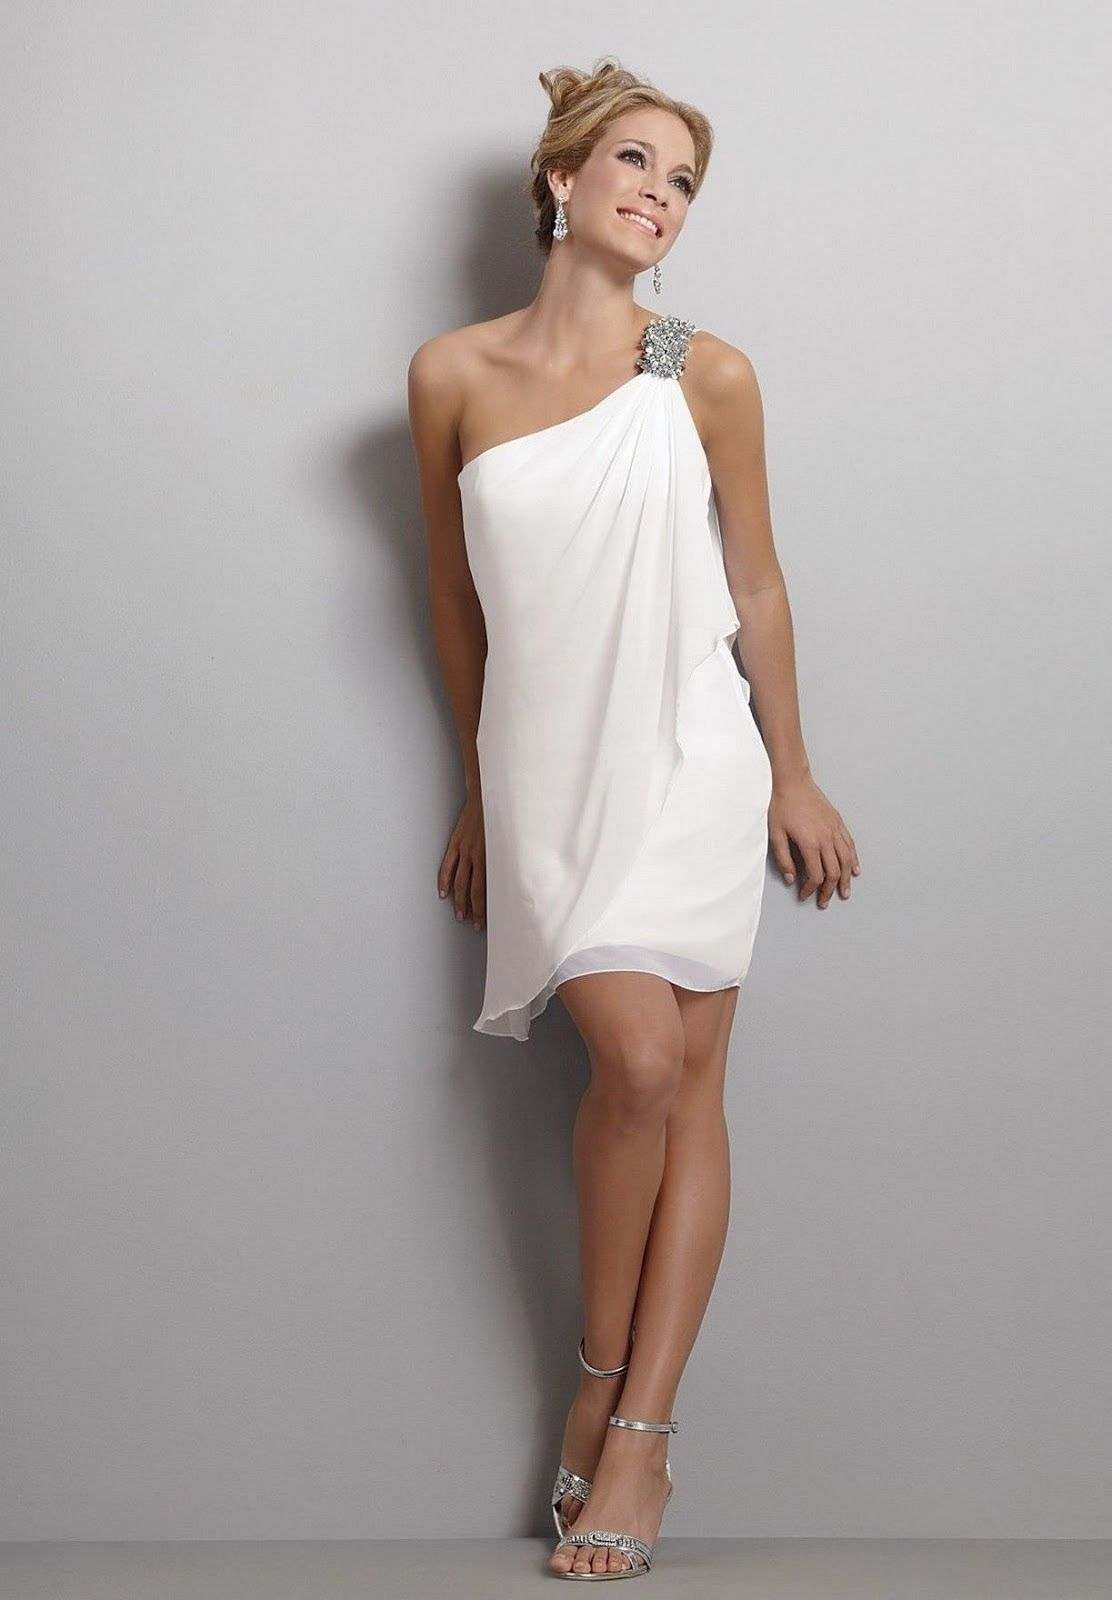 Short Wedding Dresses for Older Women - Wedding Dresses for the ...